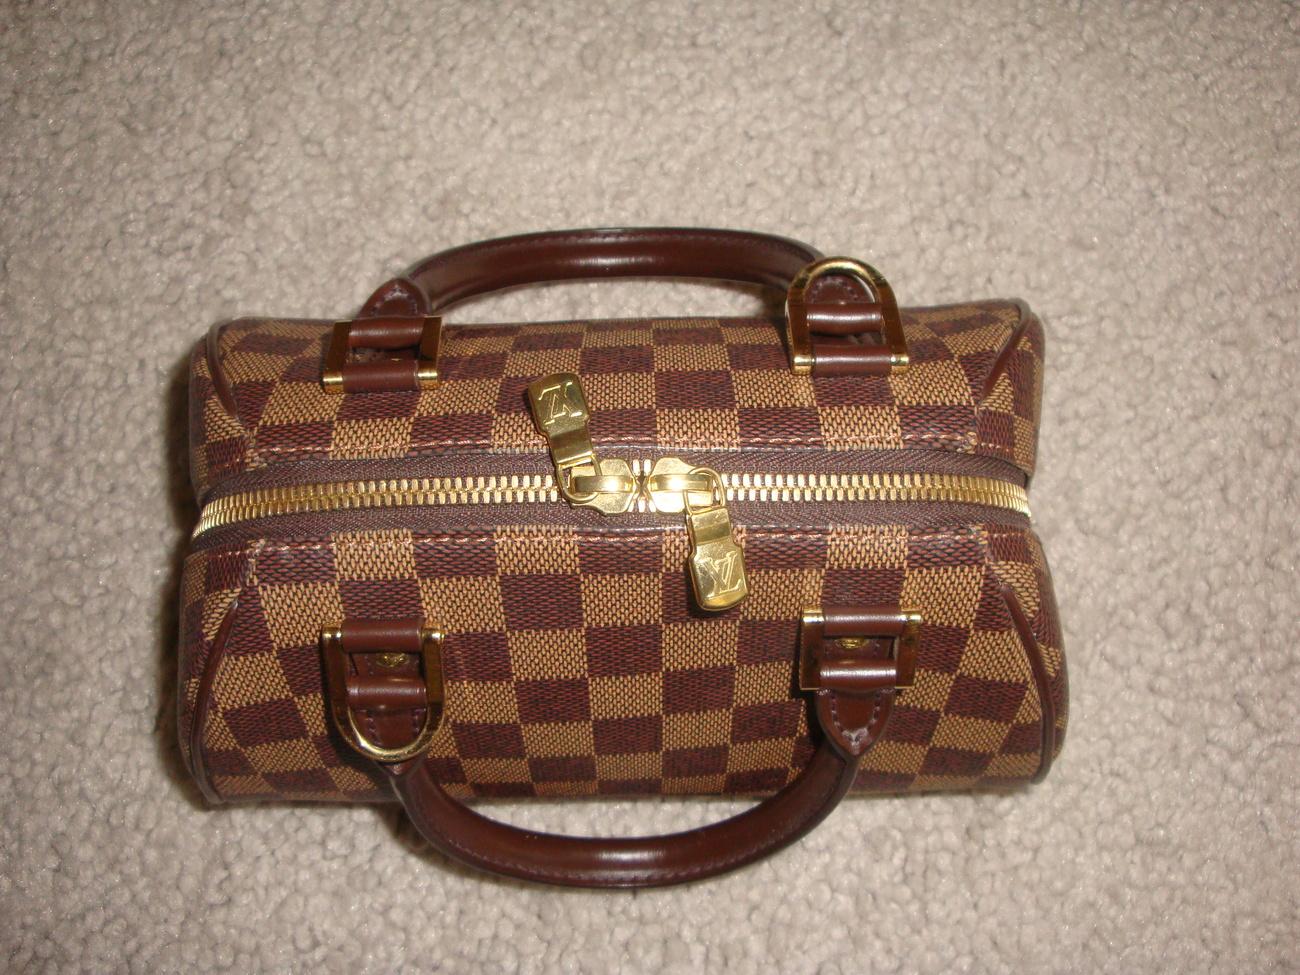 Authentic Louis Vuitton Damier Ribera PM Mini Bag Purse